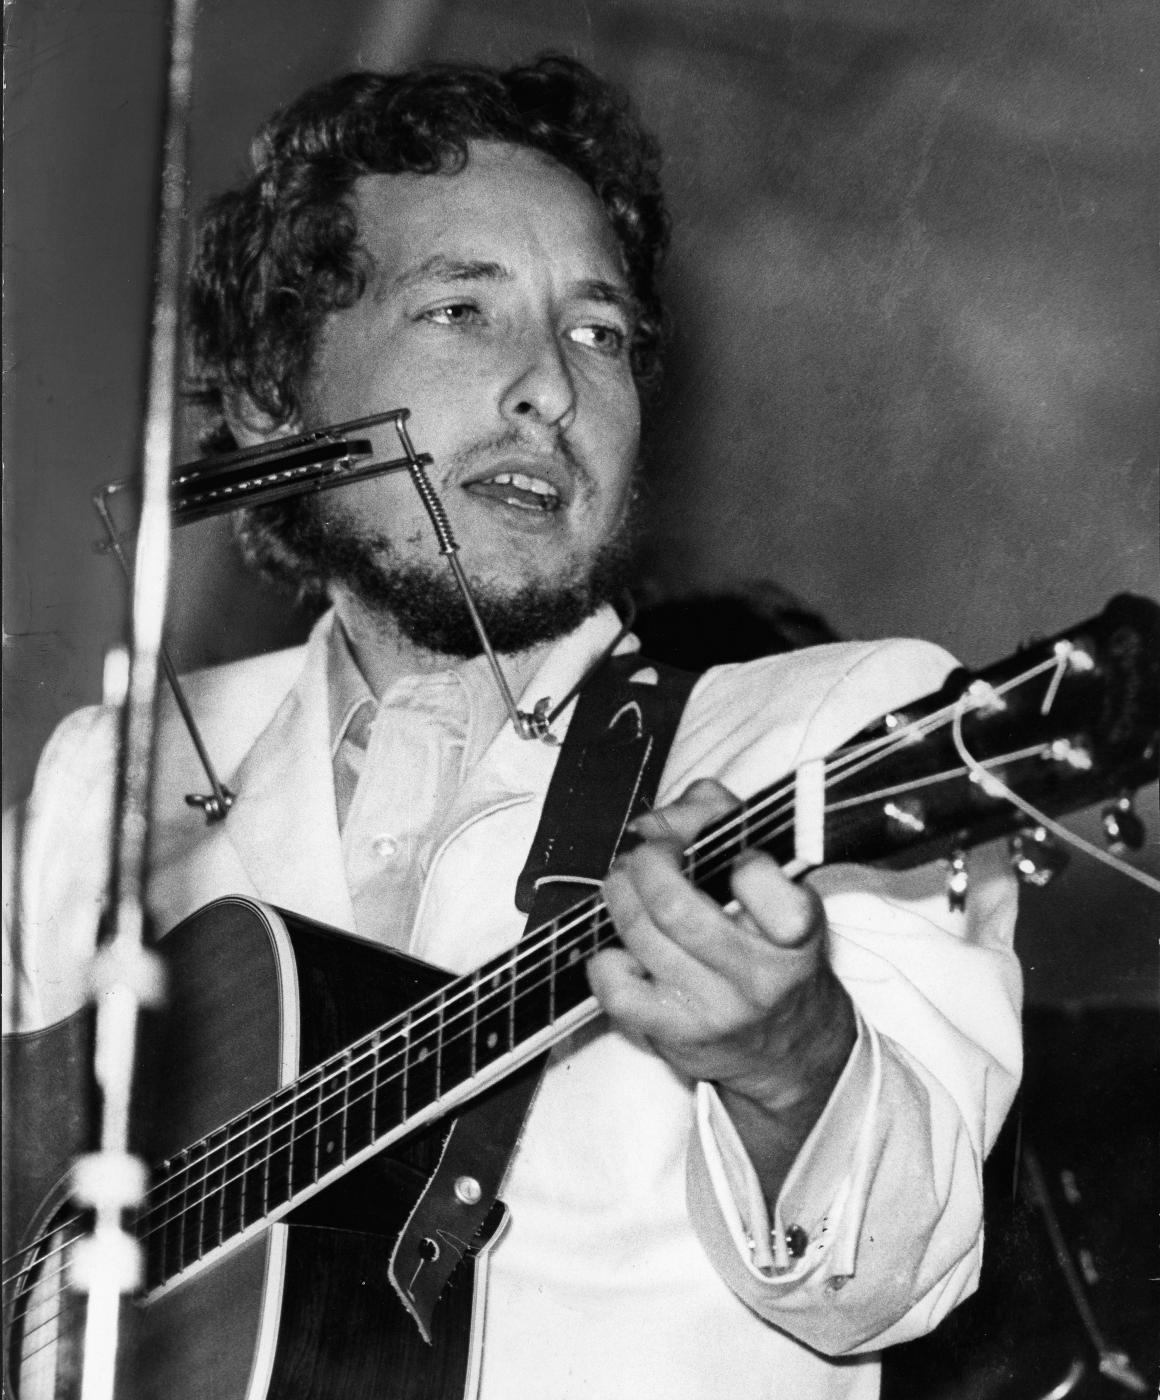 bob dylan, cantautore americano